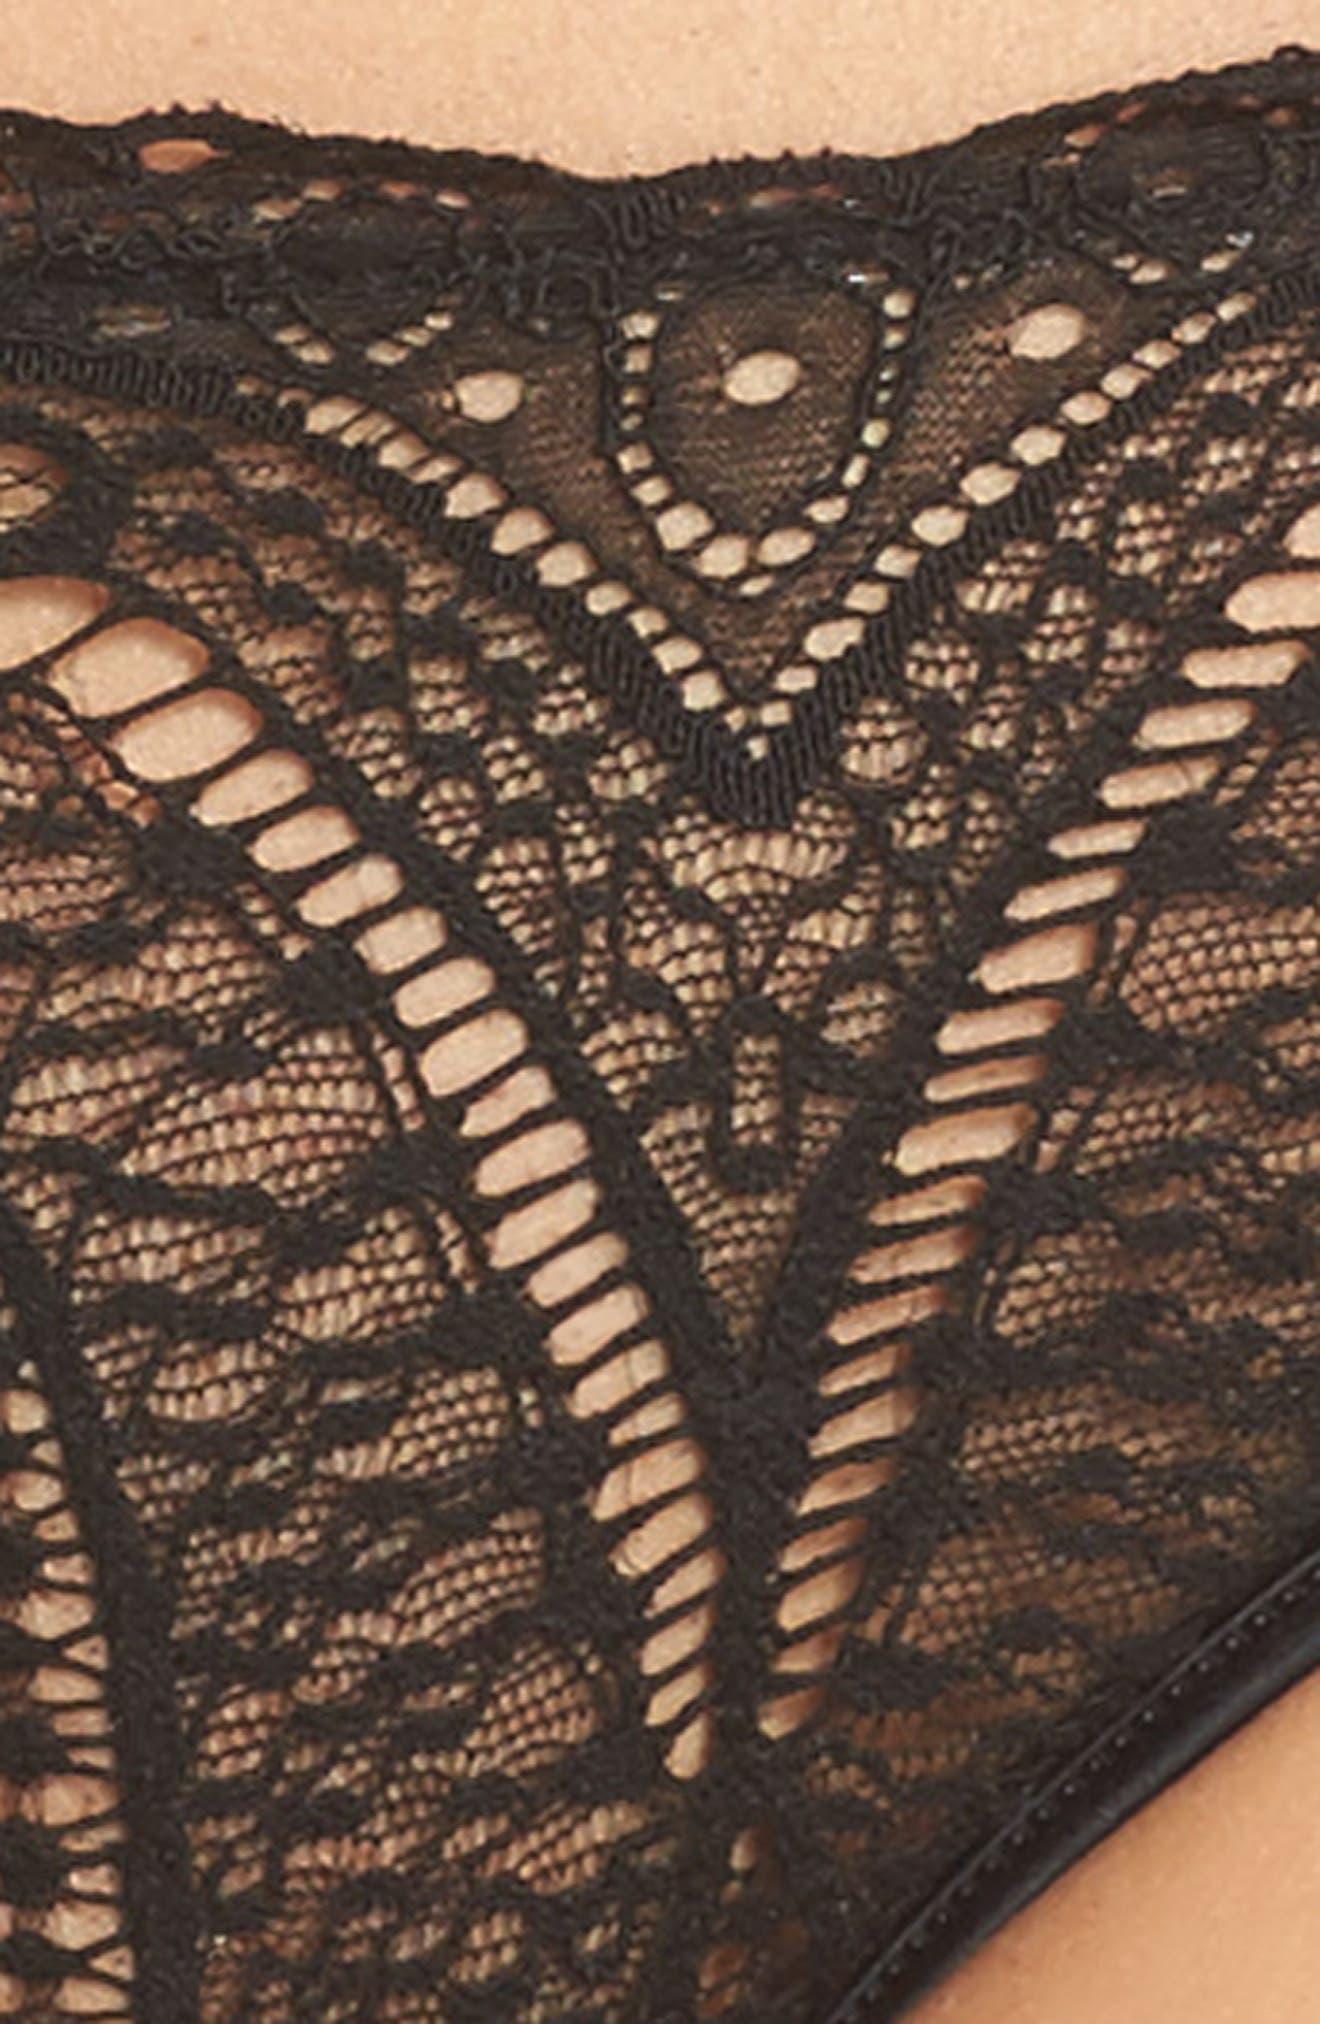 Black Audacious Lace Bikini,                             Alternate thumbnail 7, color,